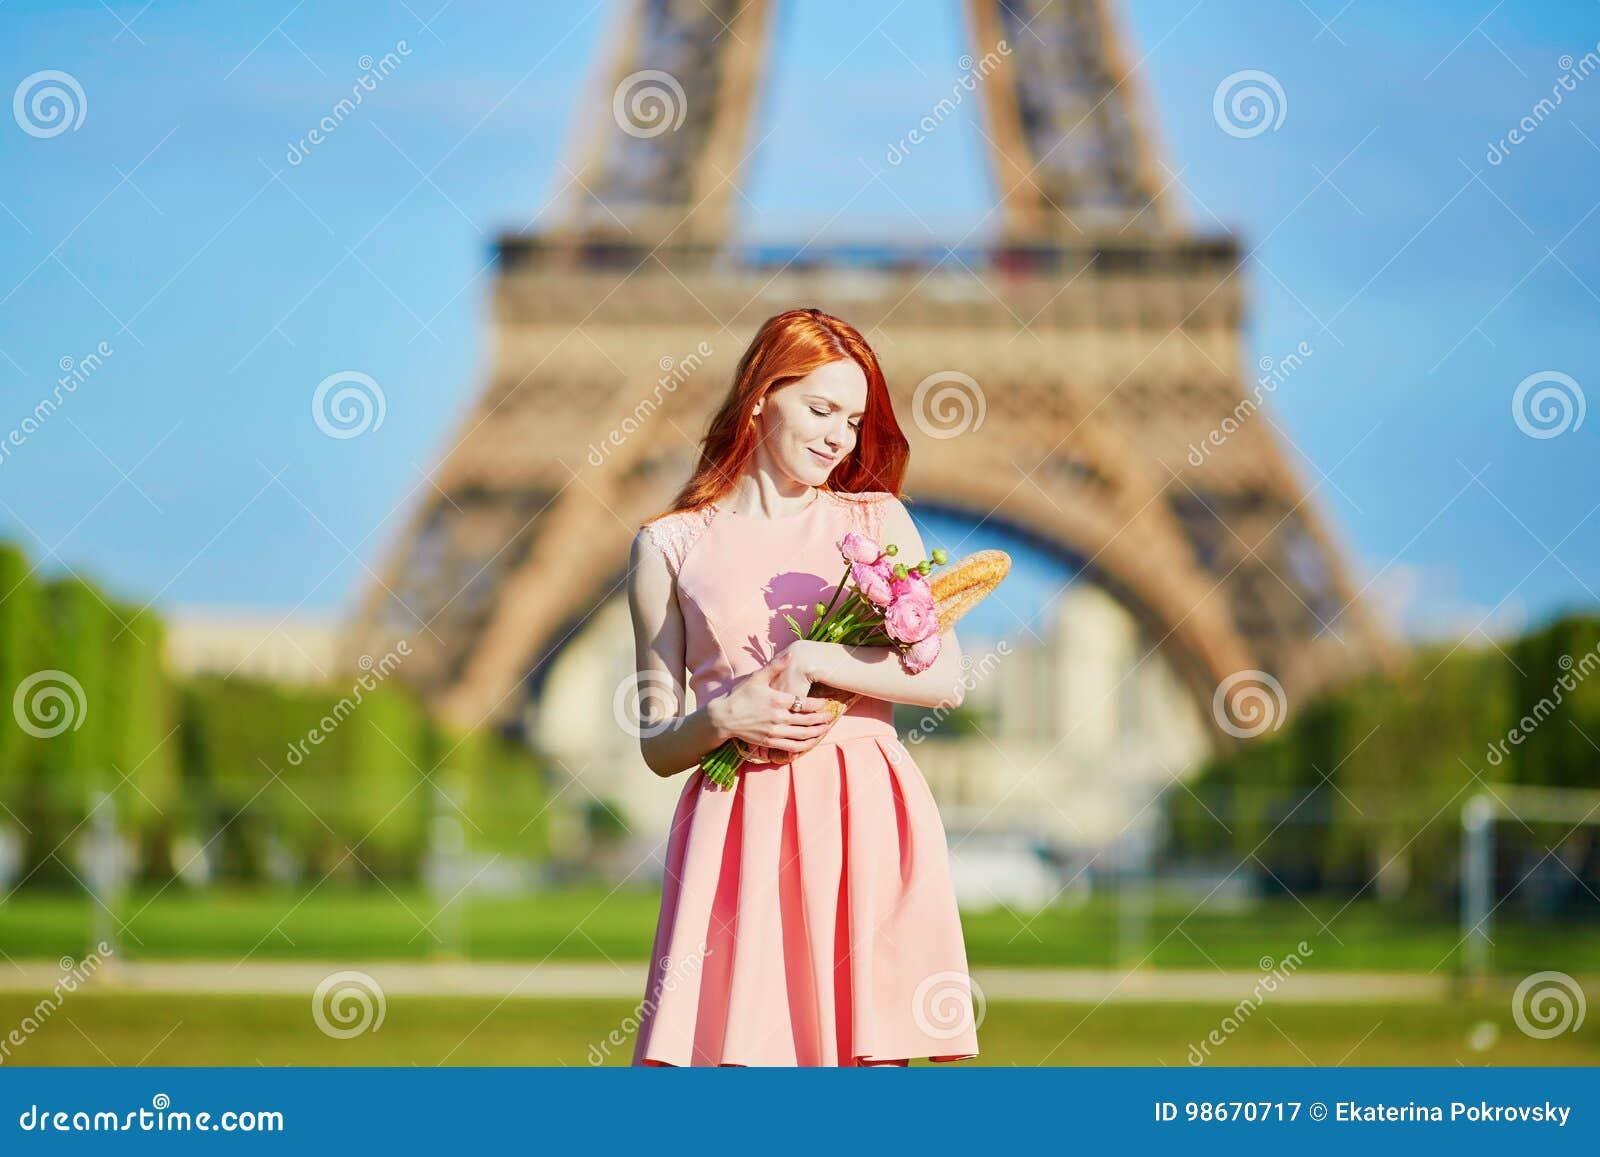 Flicka med den traditionella franskbrödbagetten och blommor framme av Eiffeltorn